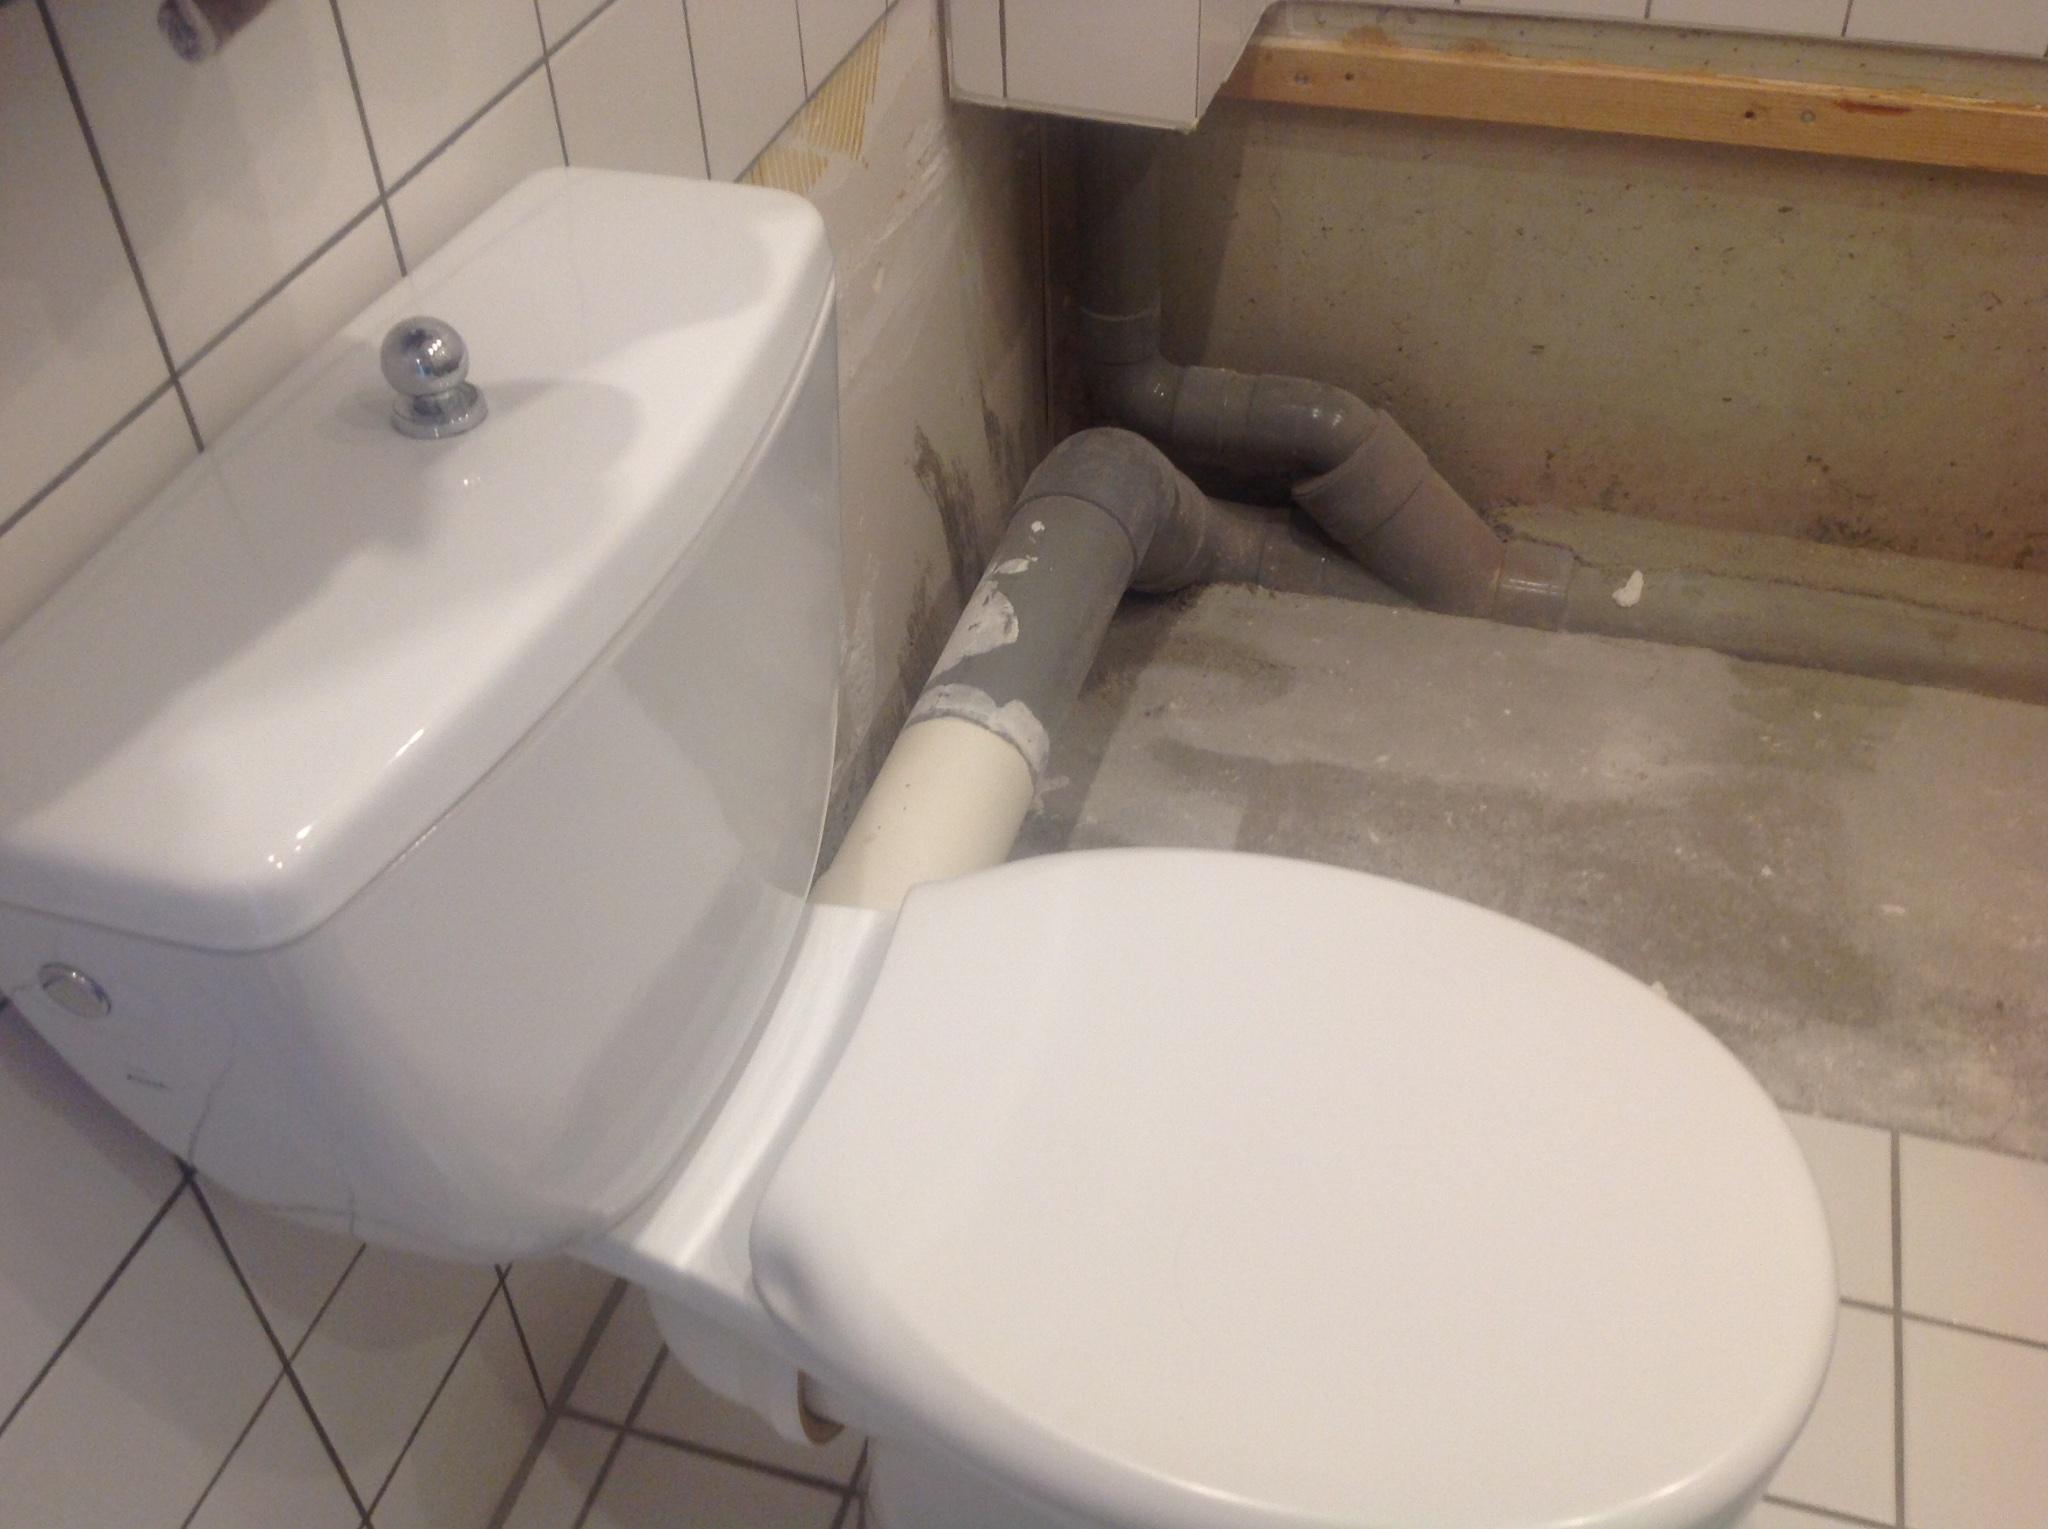 Verplaatsen en aansluiten toilet in badkamer - Werkspot